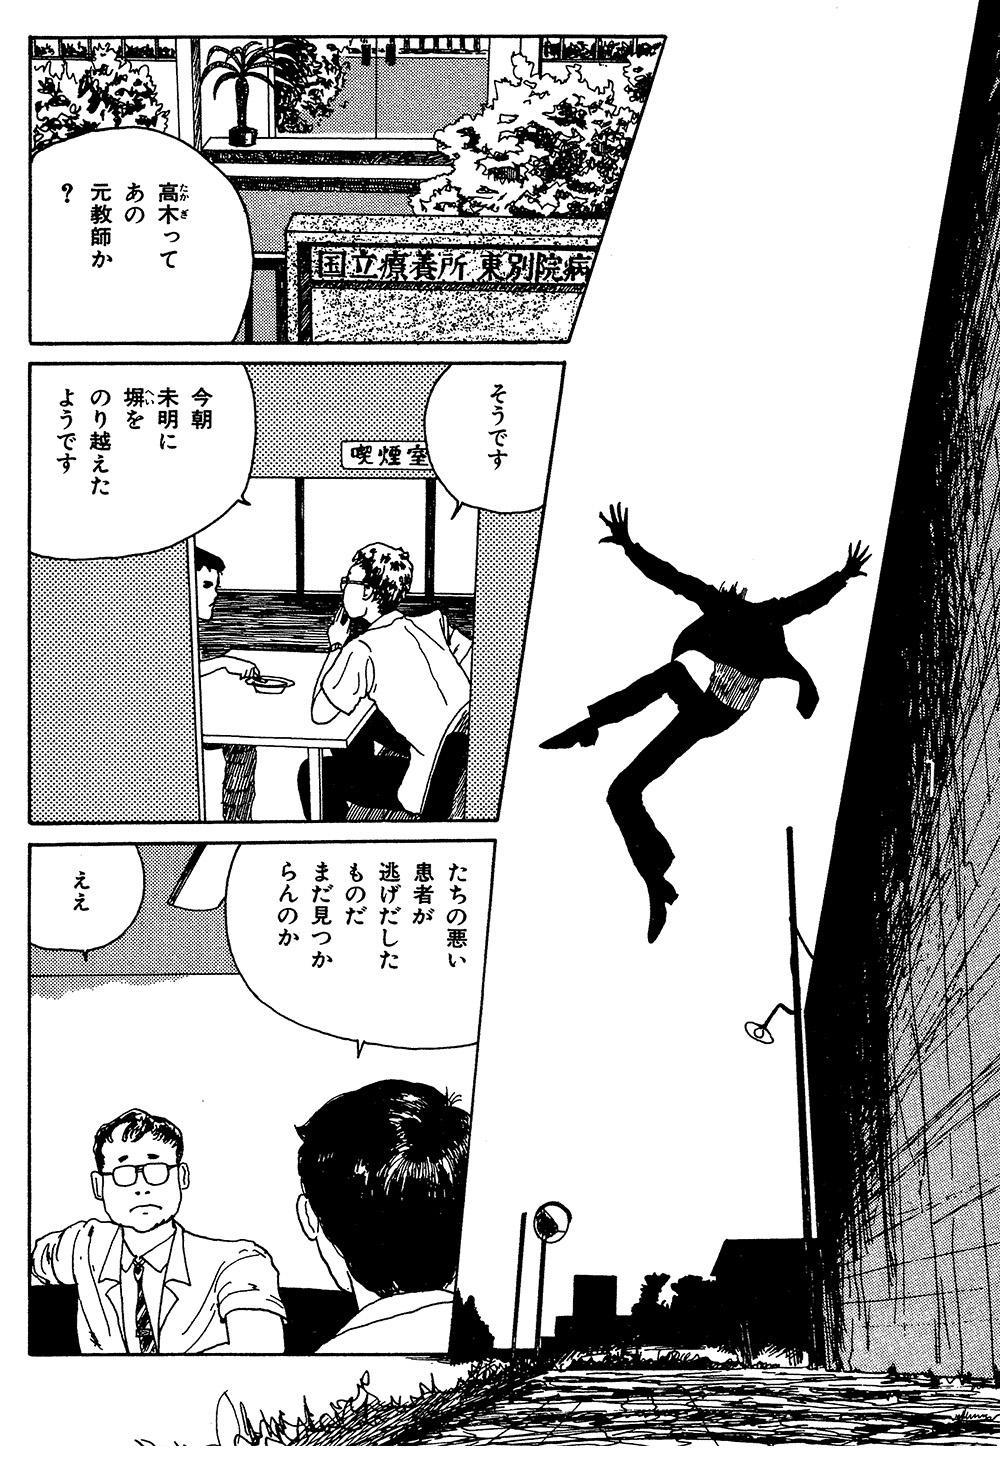 伊藤潤二傑作集 第2話「富江 森田病院編」①itouj_0001_0036.jpg